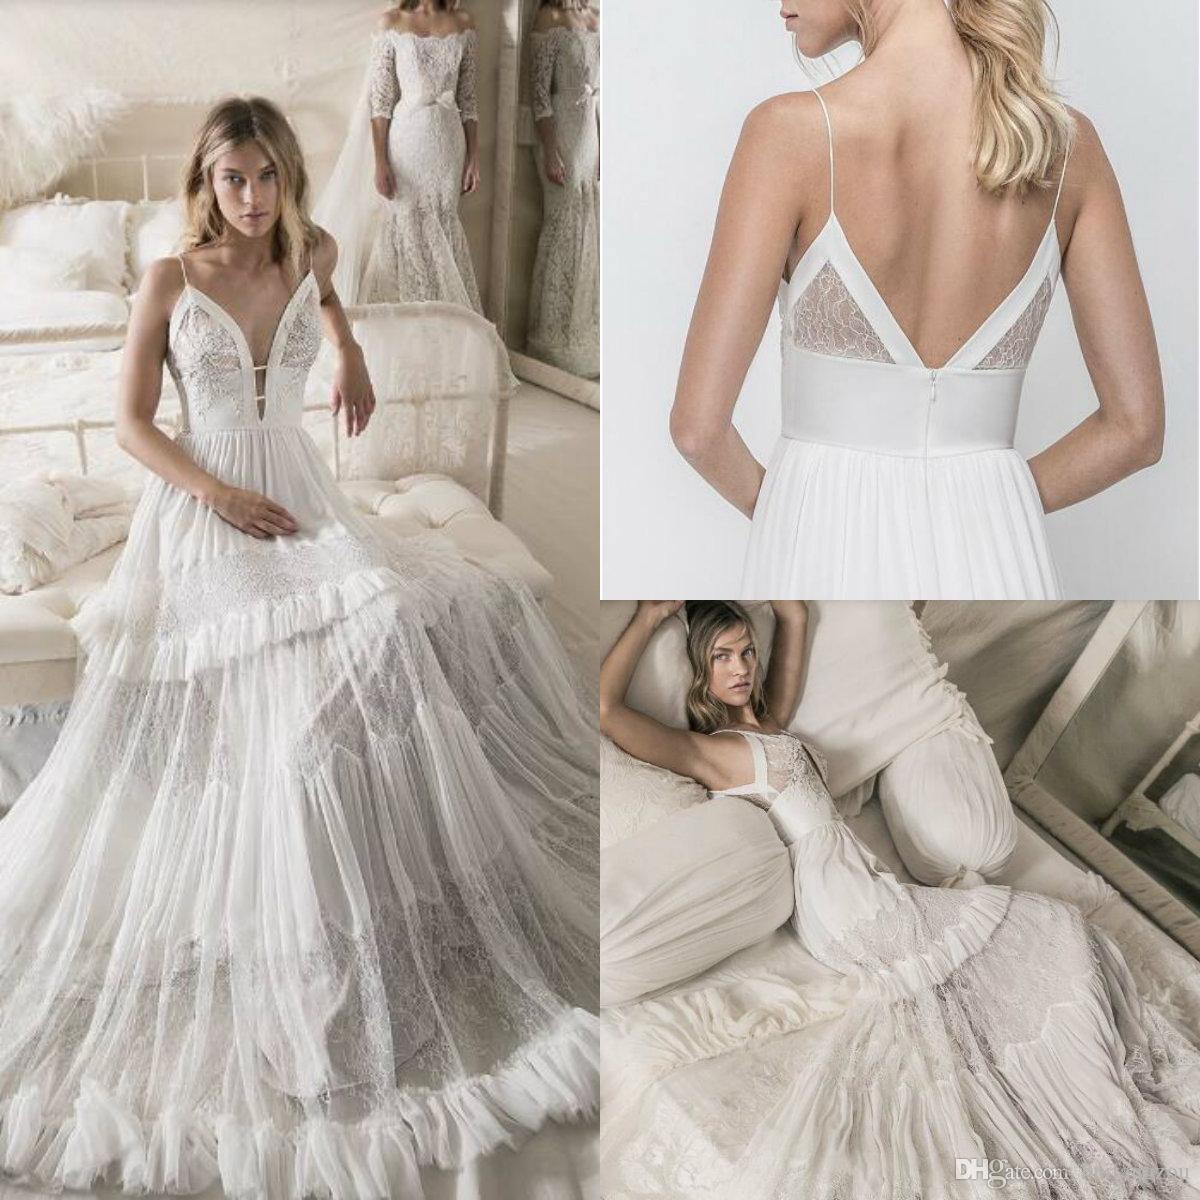 Летние бохо спагетти свадебные платья 2018 сексуальные кружева иллюзия оборками спинки свадебные платья высокого качества на заказ